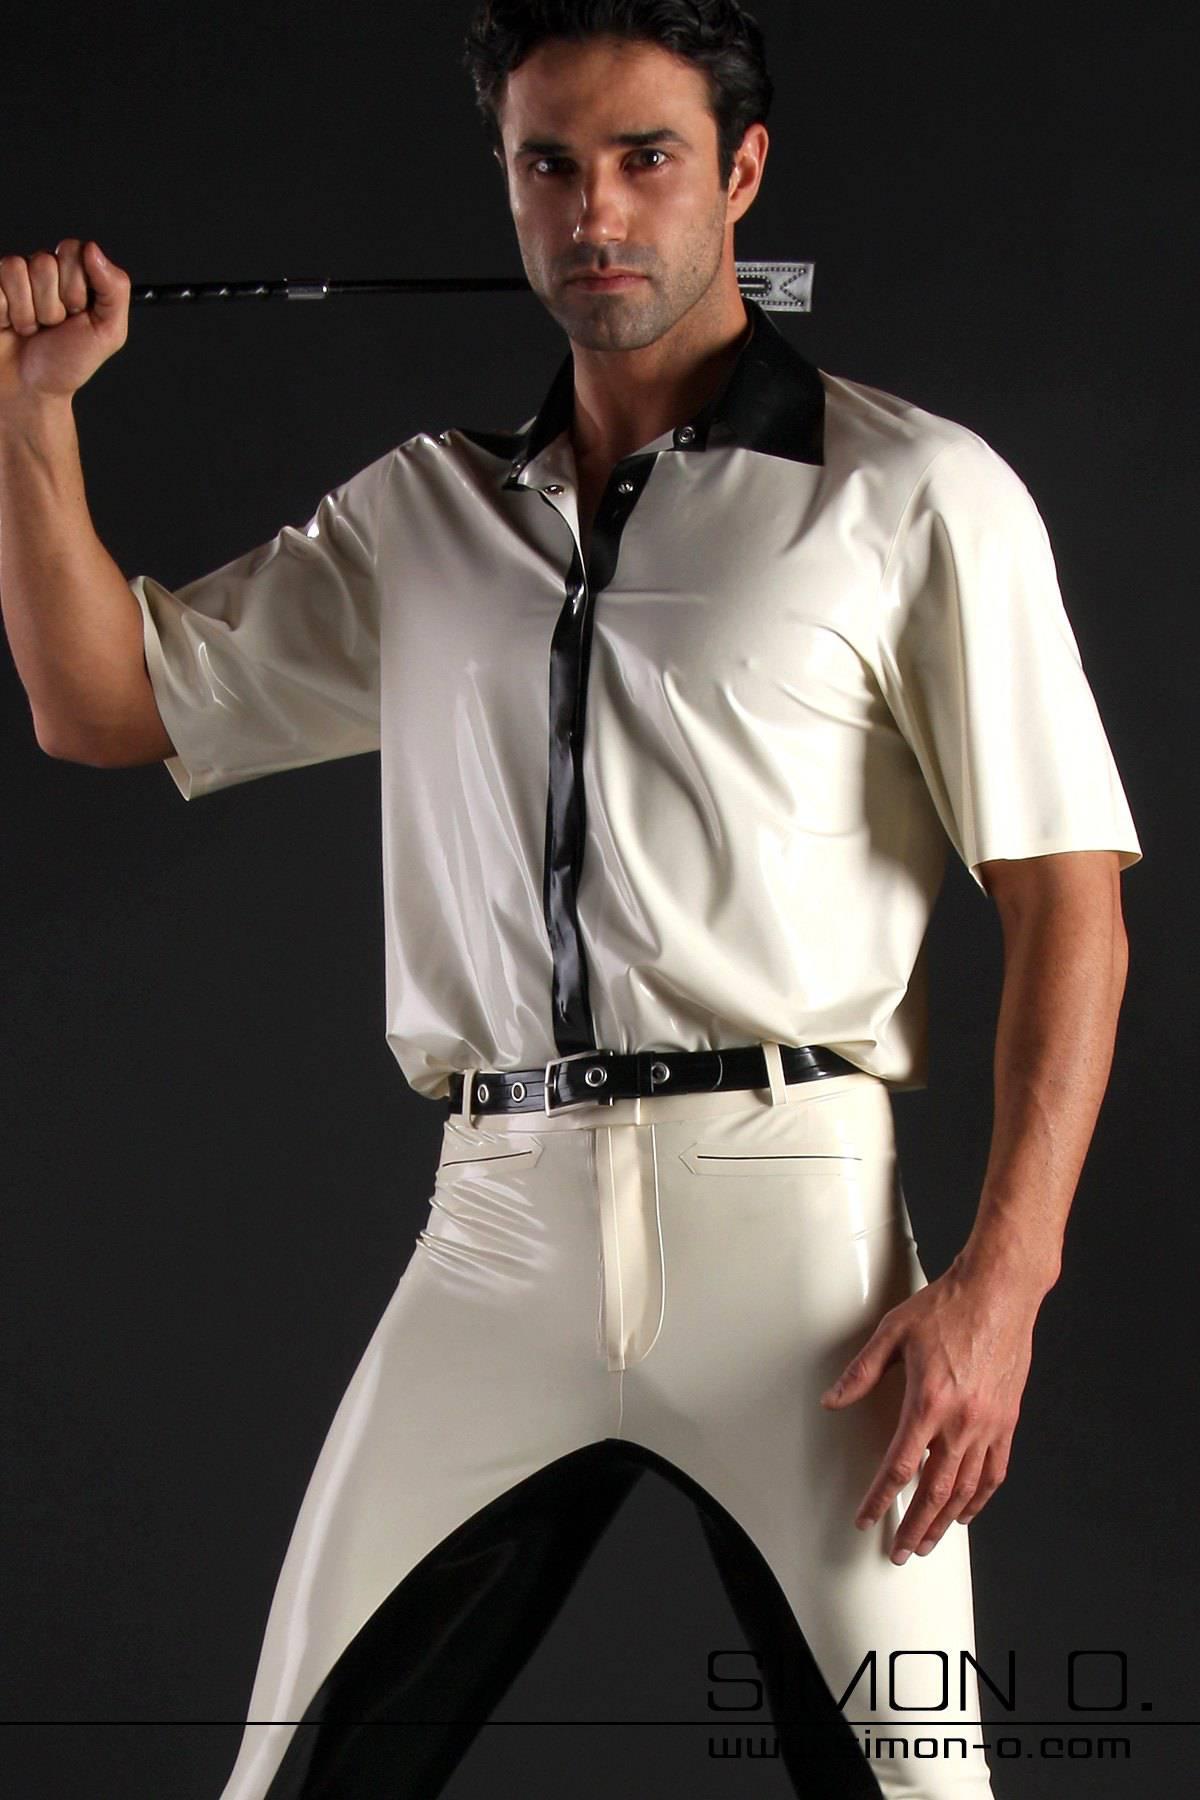 Kurzarm Latex Hemd für Herren in weiß mit Knopfleiste in der Kontrastfarbe Schwarz